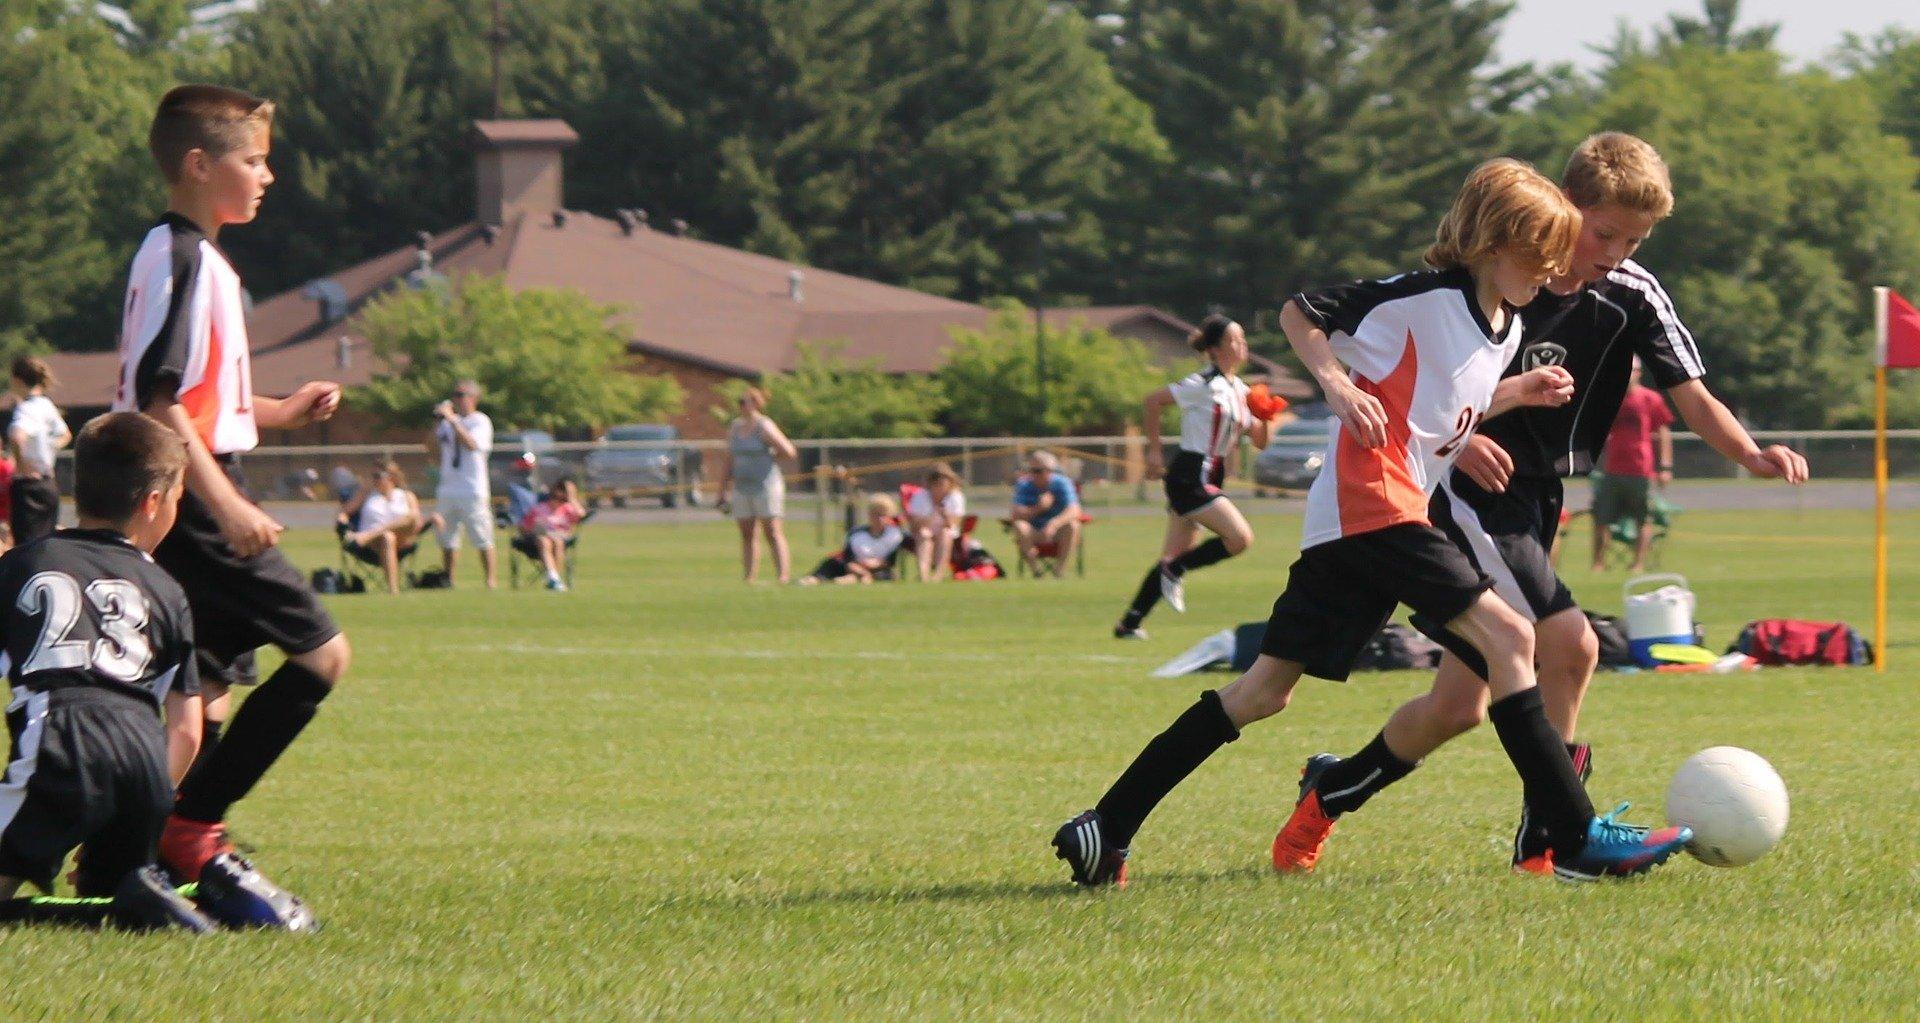 pilka Nabór do Akademii Piłkarskiej Sparty dla chłopców i dziewczynek